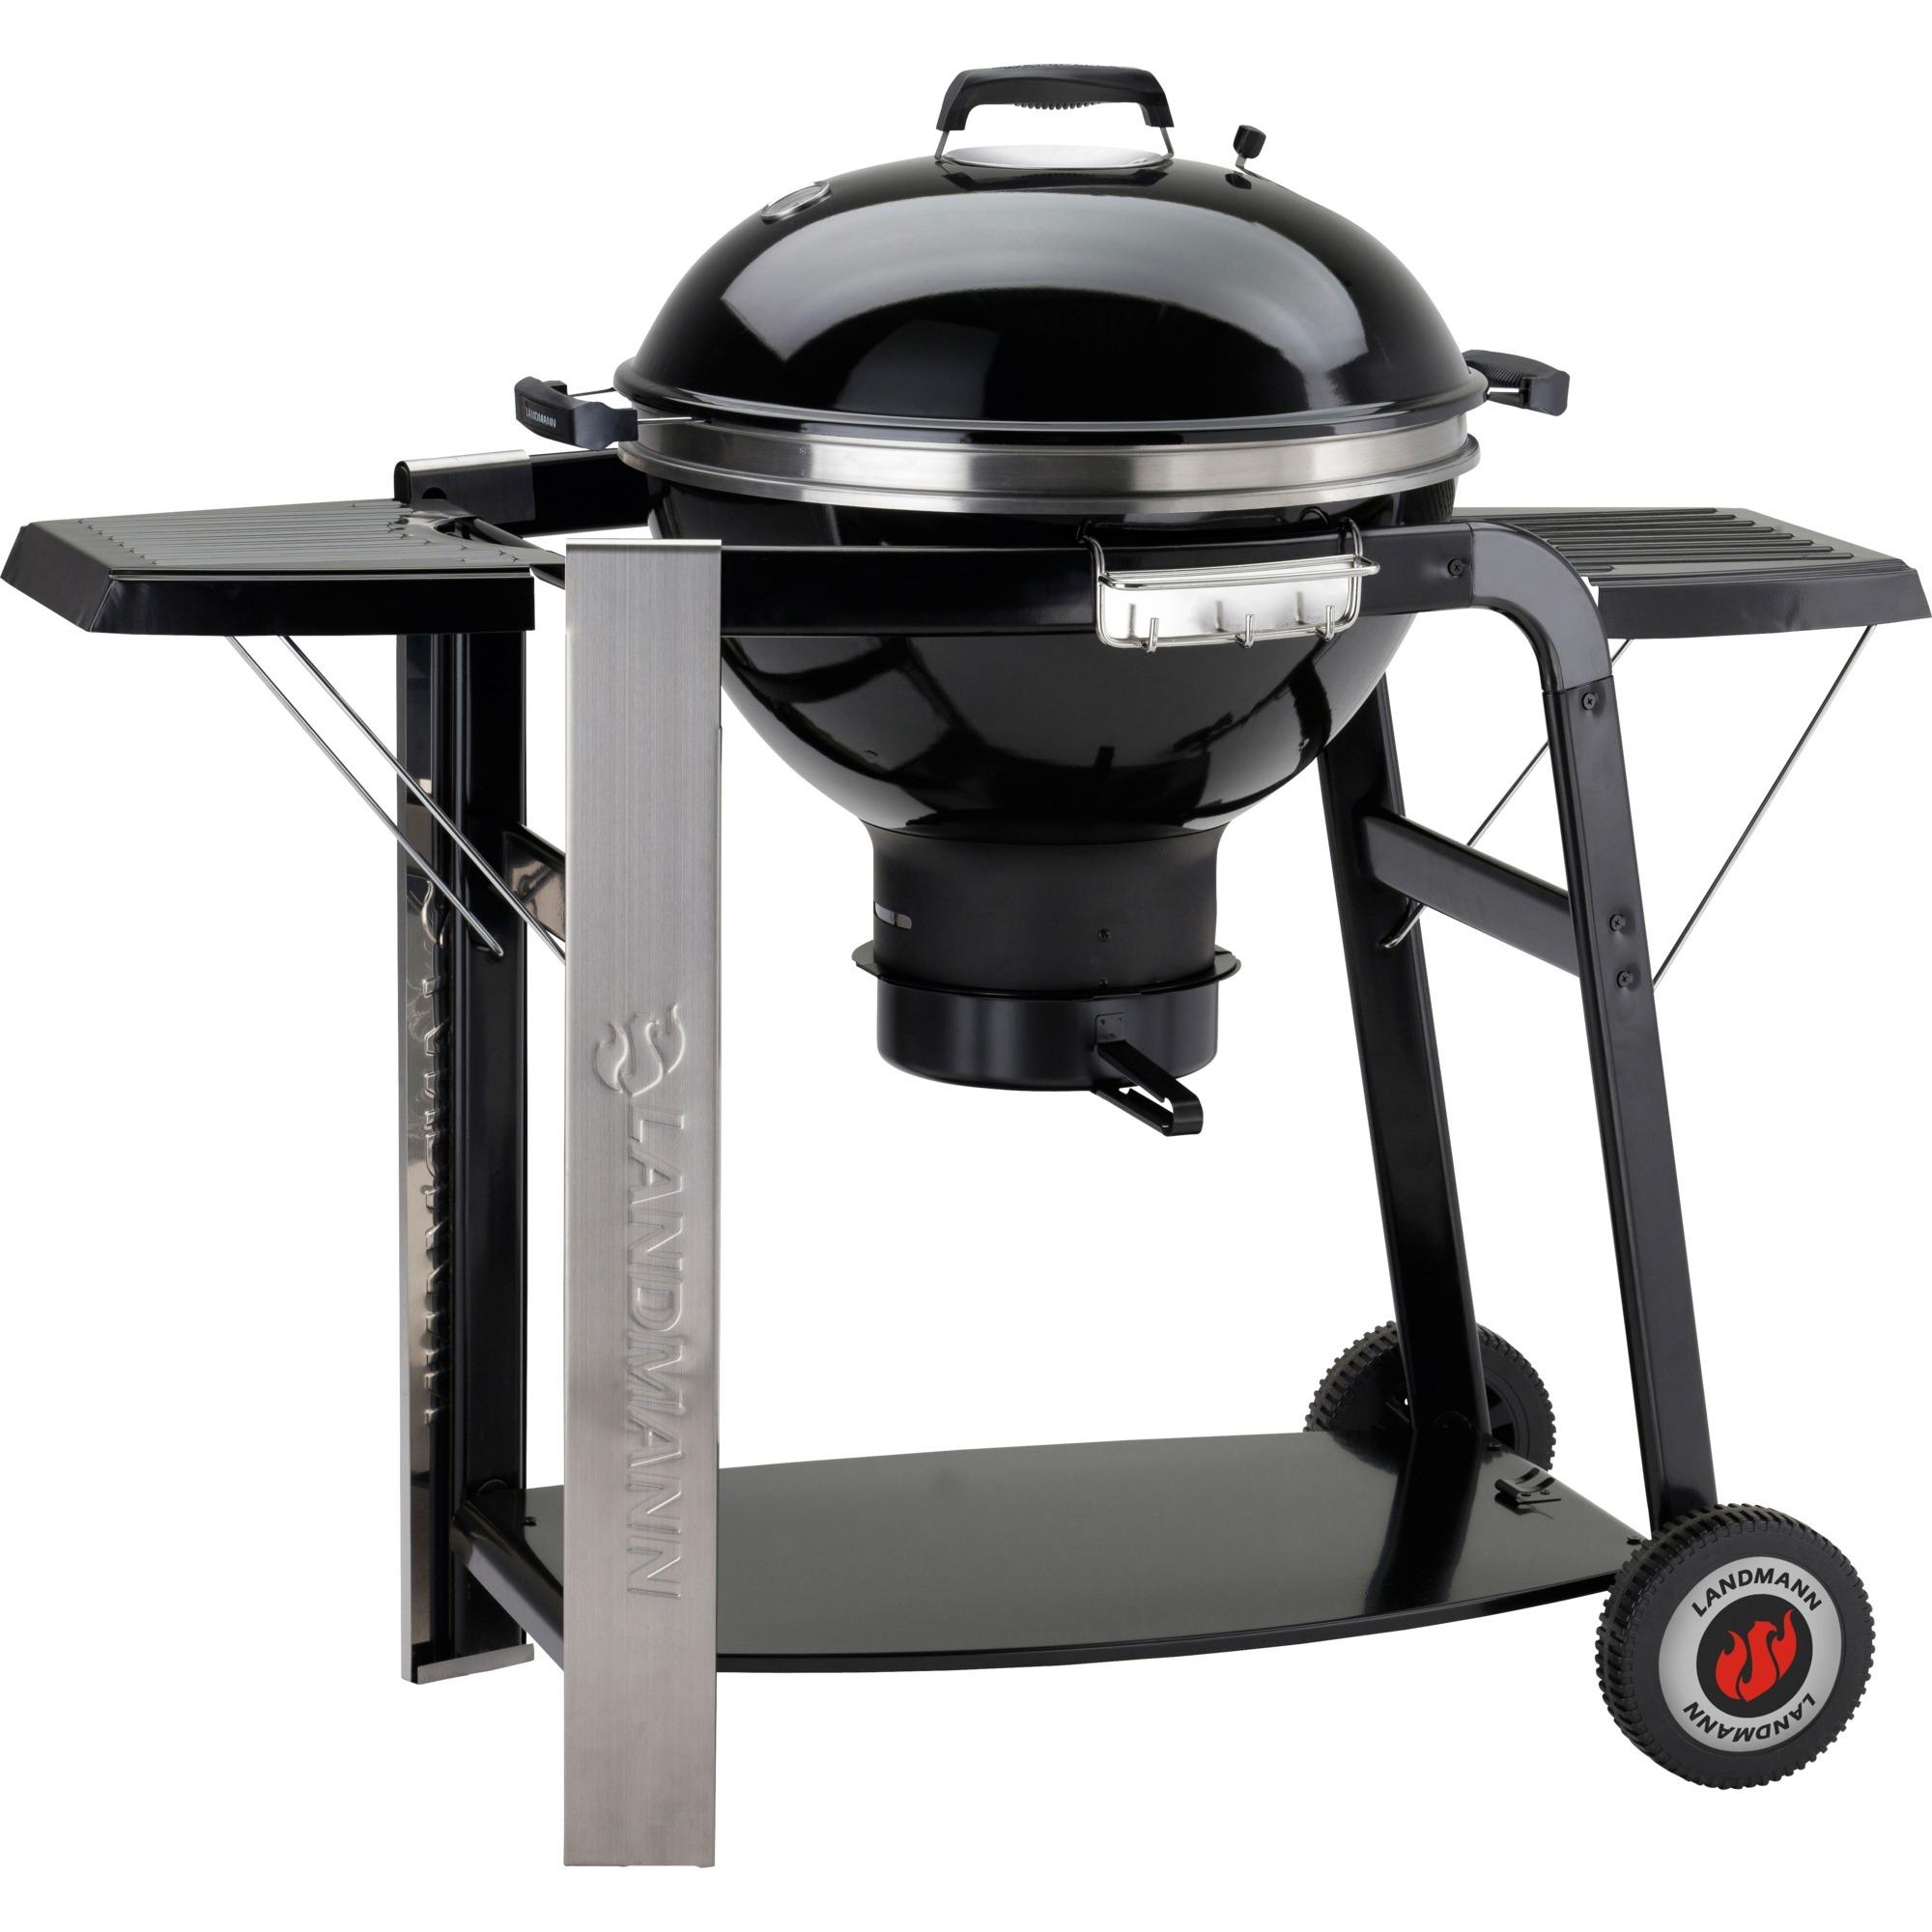 landmann 31346 noir, acier inoxydable barbecue et grill noir, 10